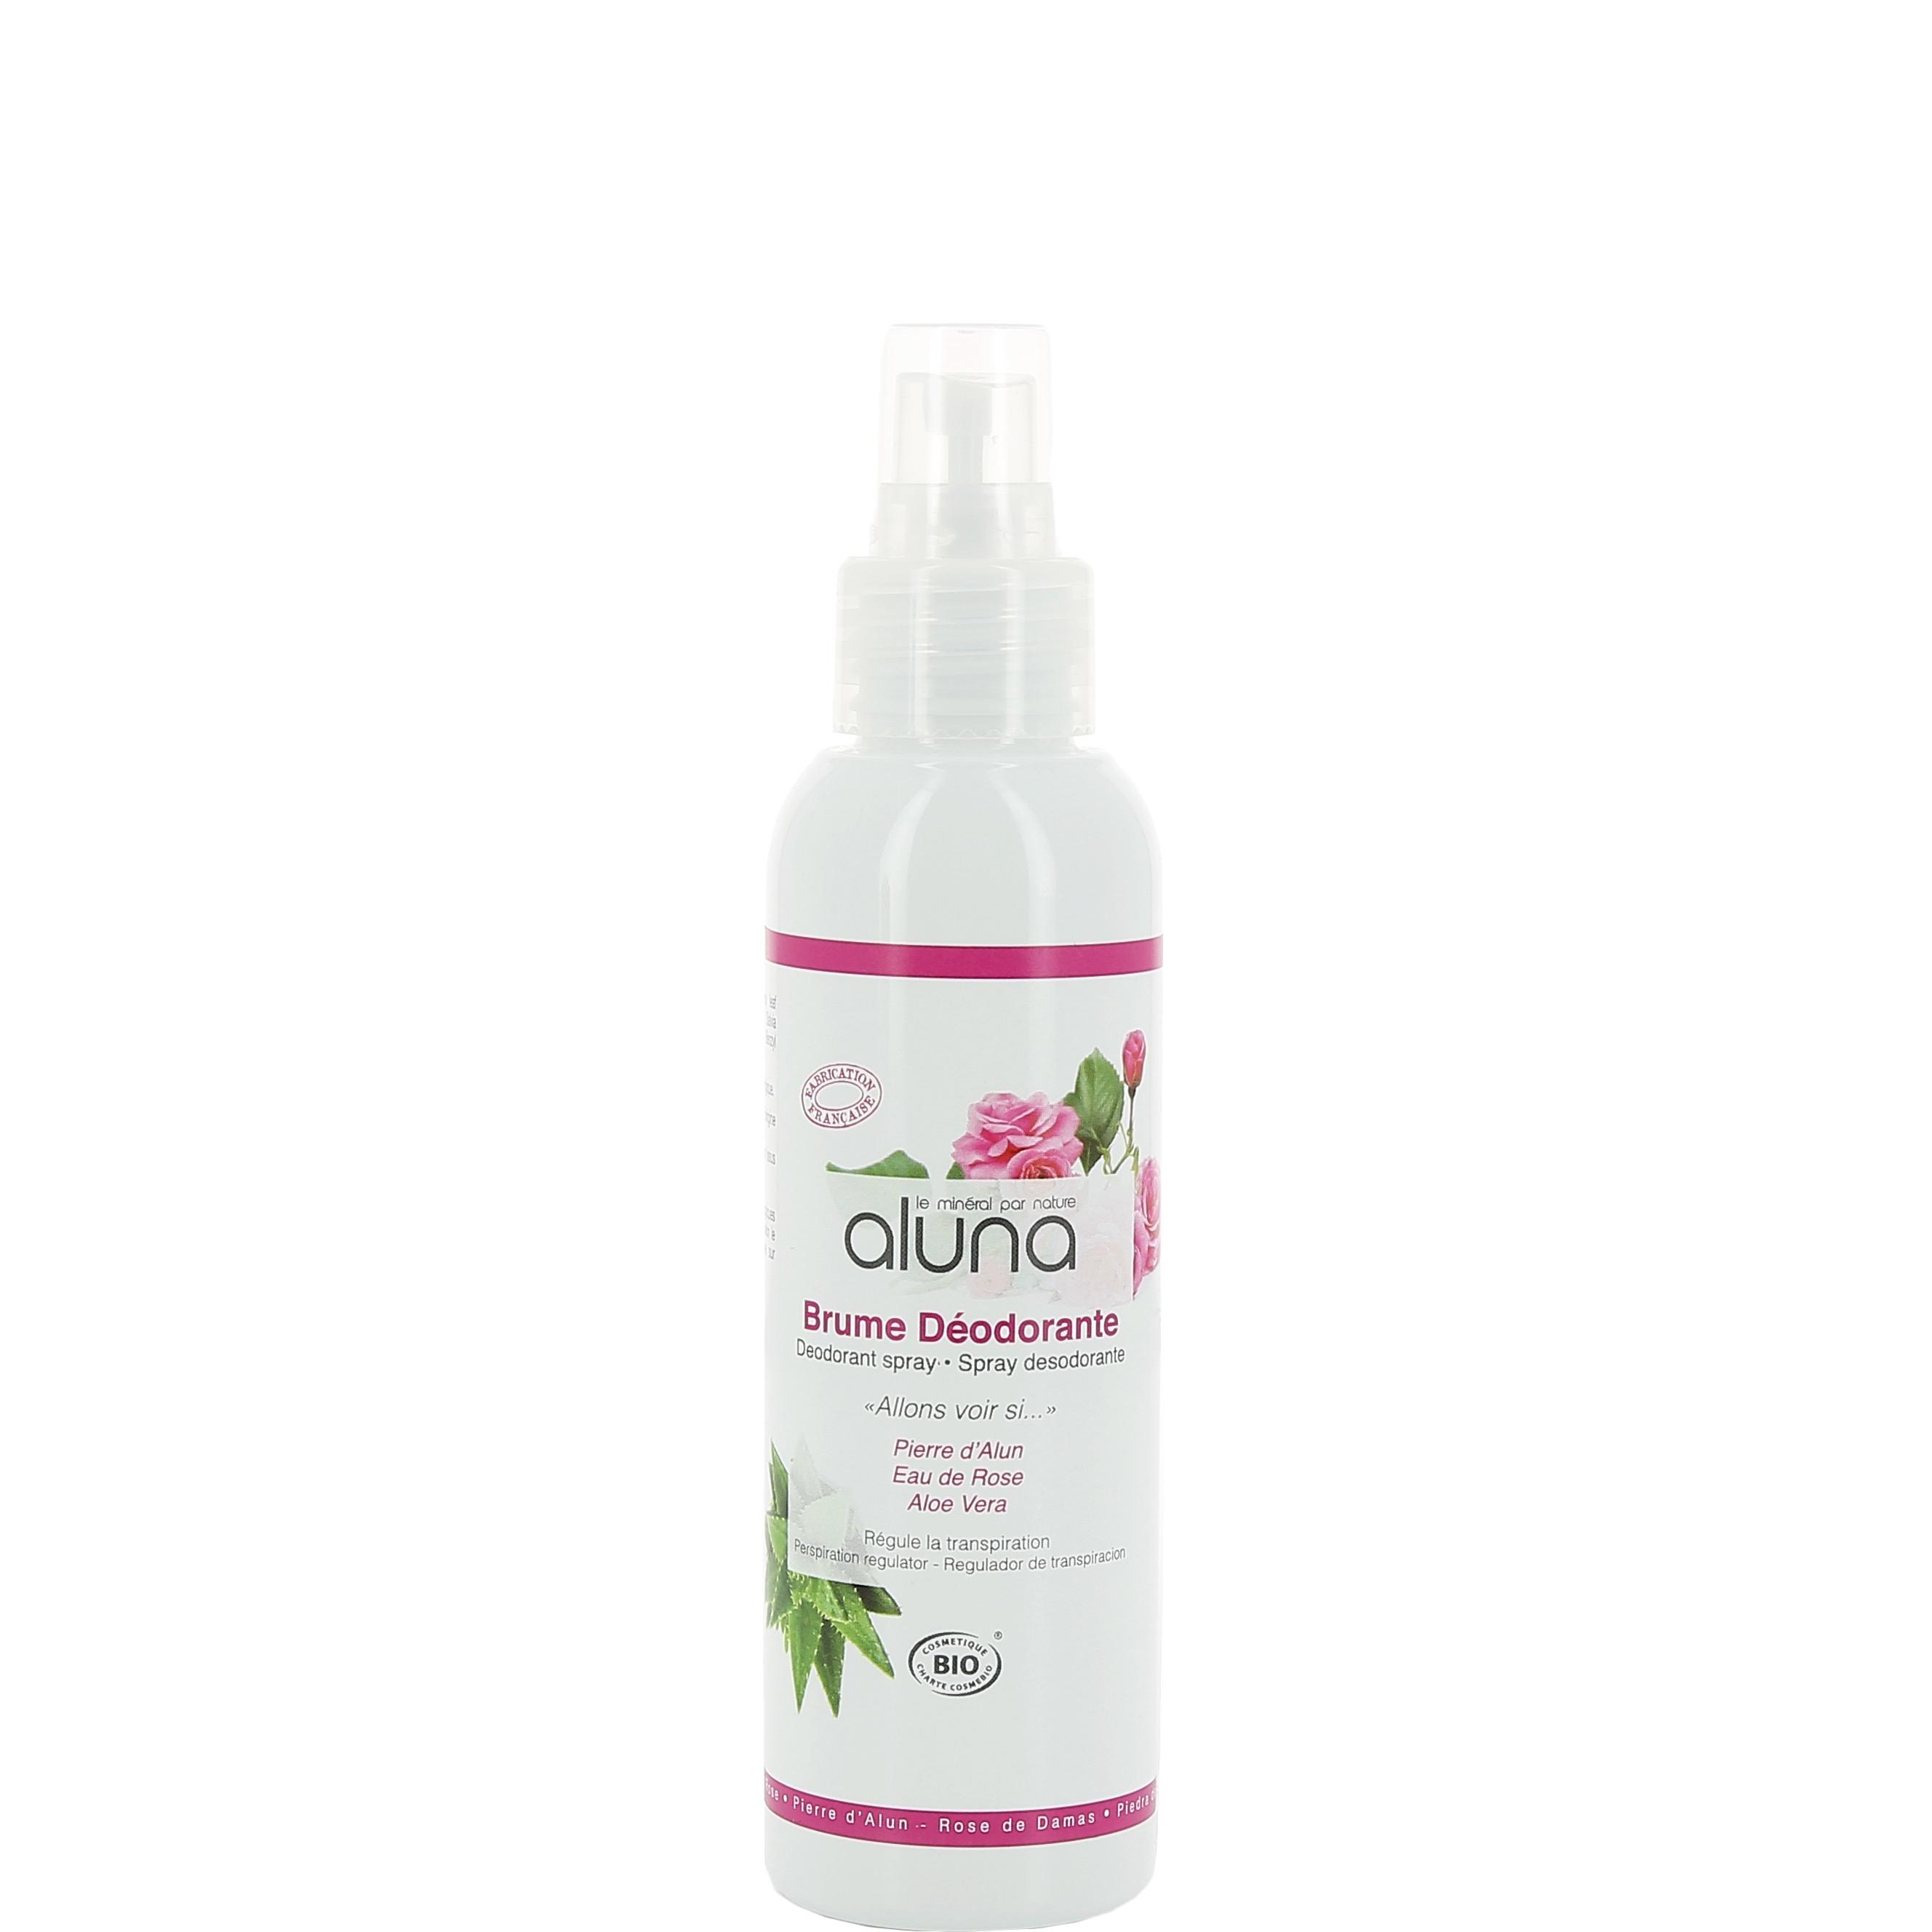 Aluin Deodorant Spray Aluna - Organic Rose